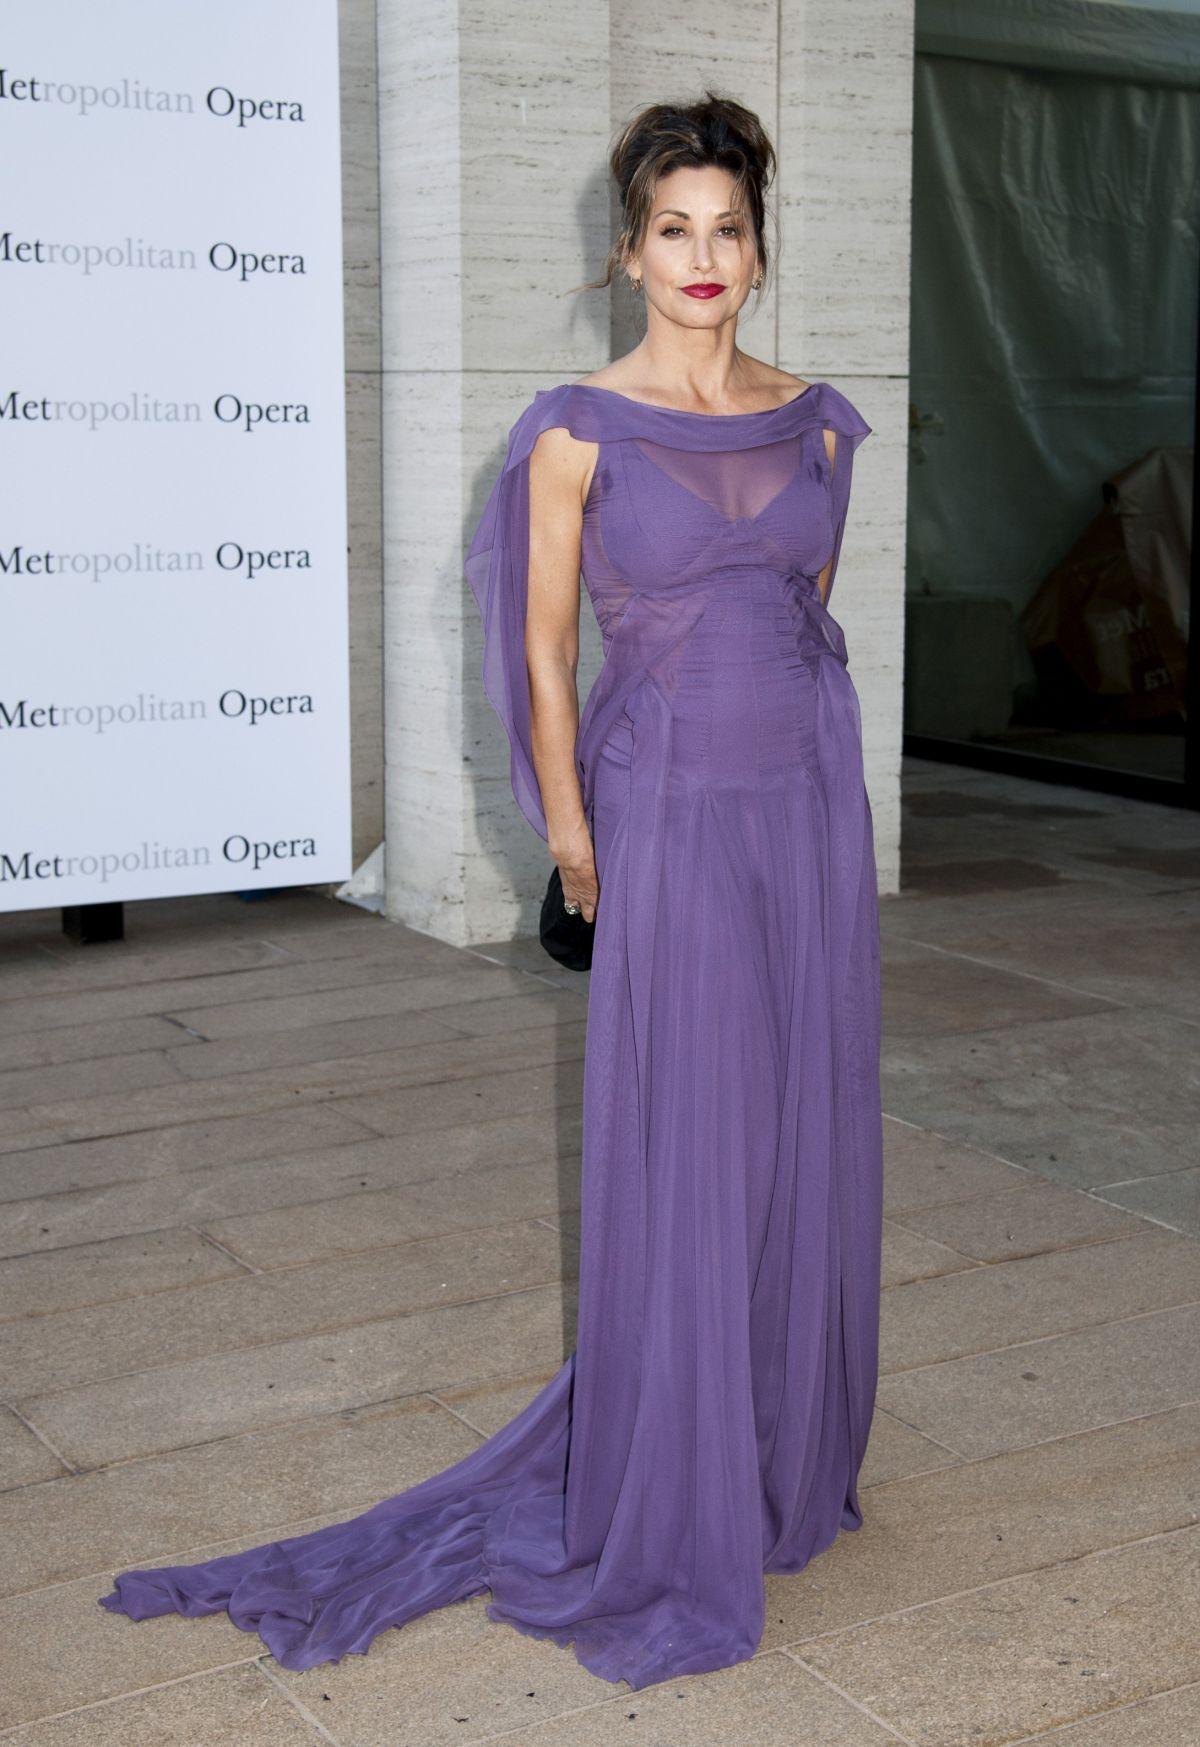 GINA GERSHON at Metropolitan Opera Season Opening in New York